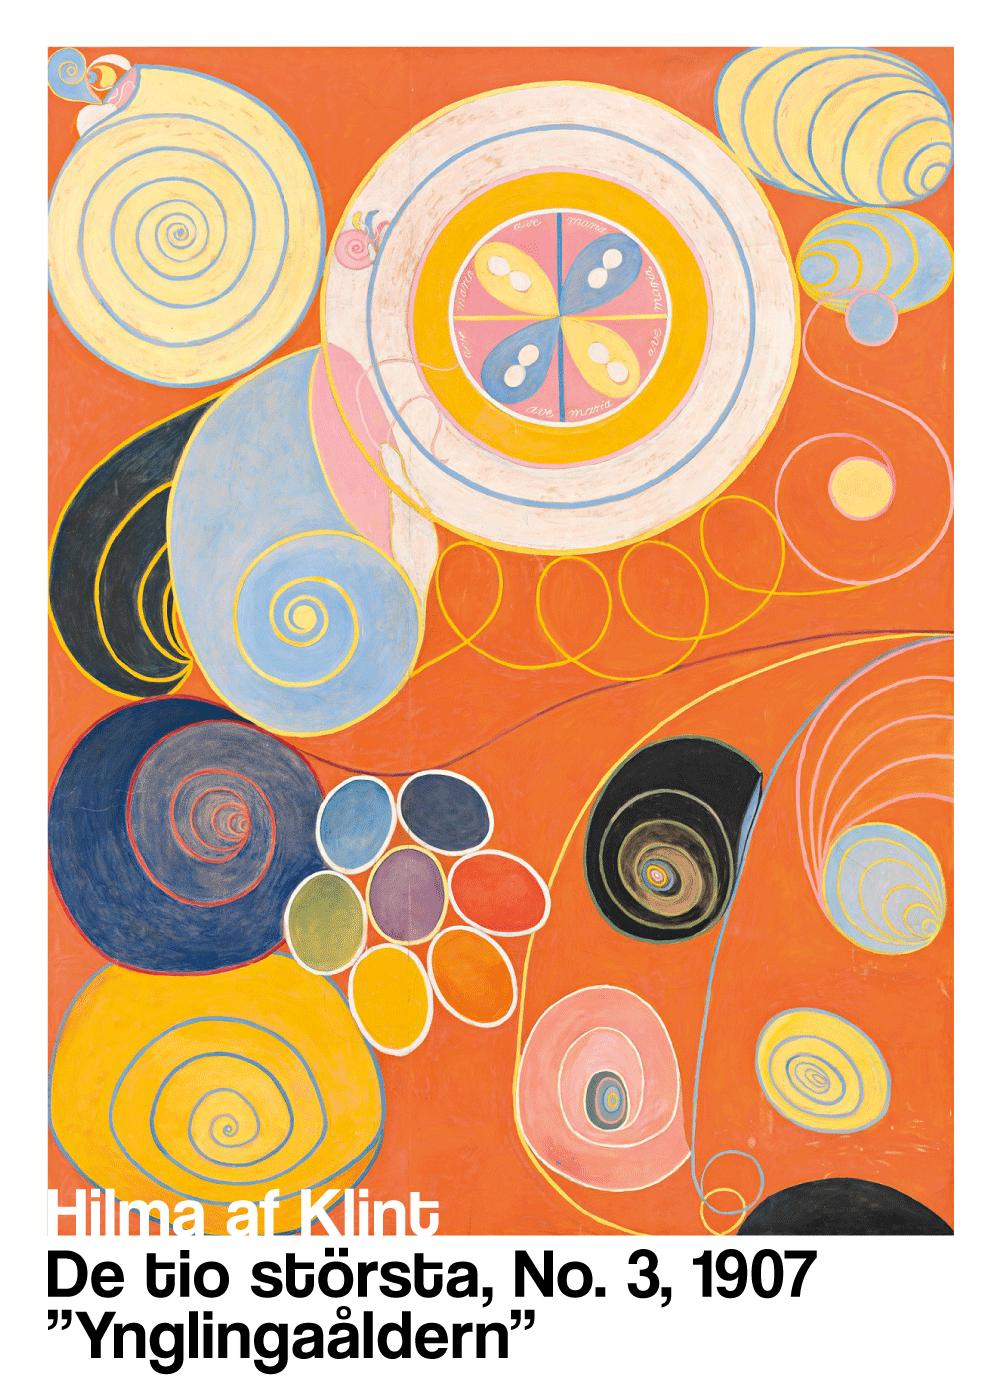 Billede af Ynglingaåldern - Hilma af Klint kunstplakat